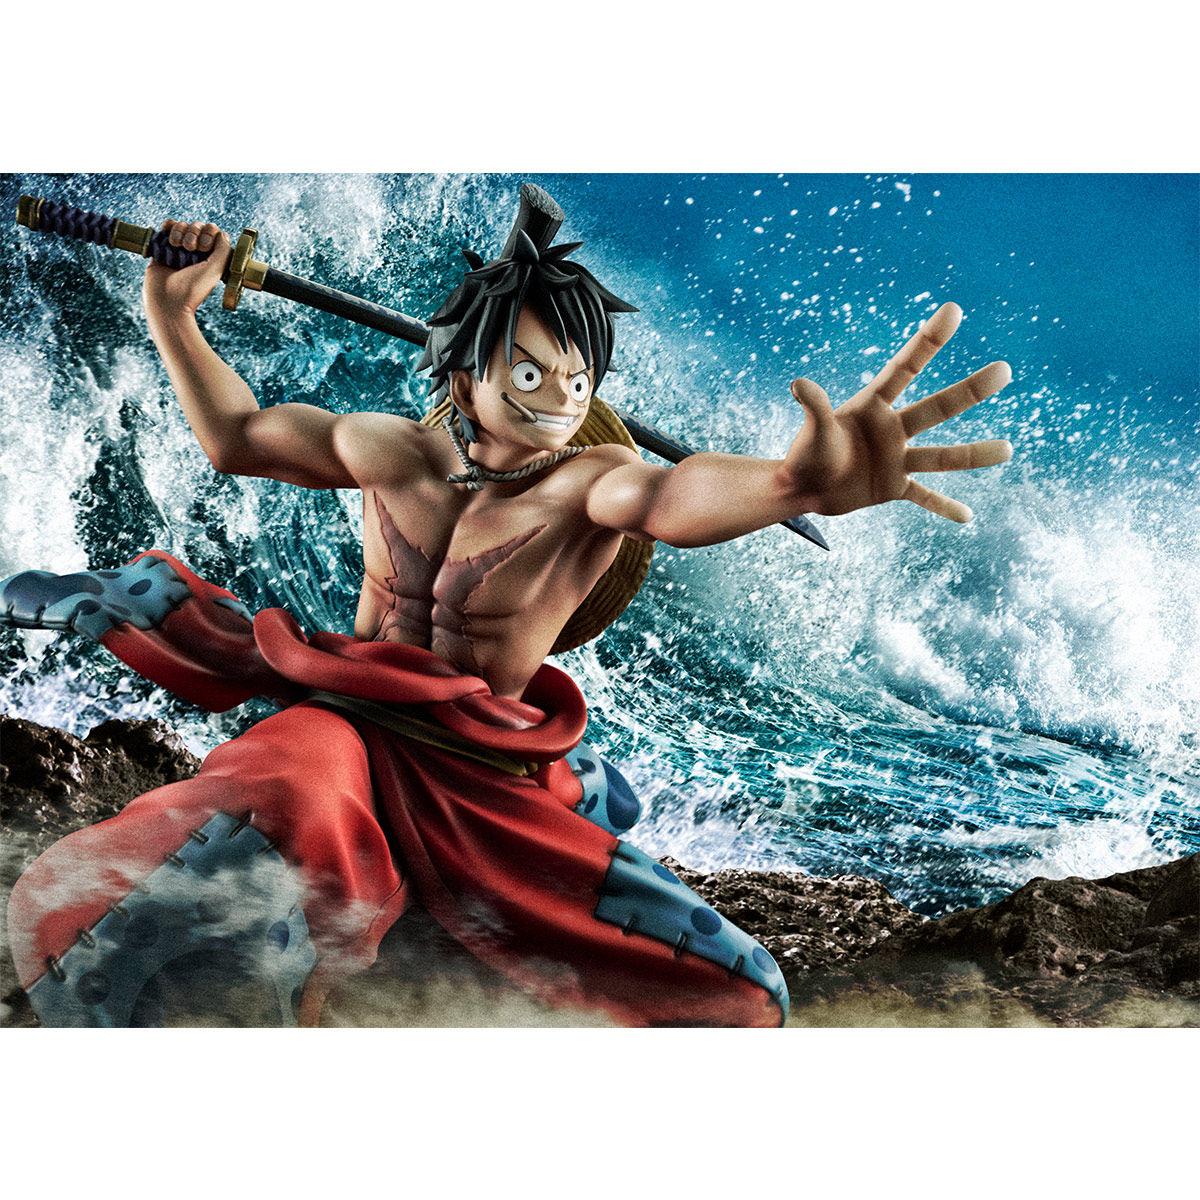 """【限定販売】Portrait.Of.Pirates ワンピース """"Warriors Alliance""""『ルフィ太郎』完成品フィギュア-010"""